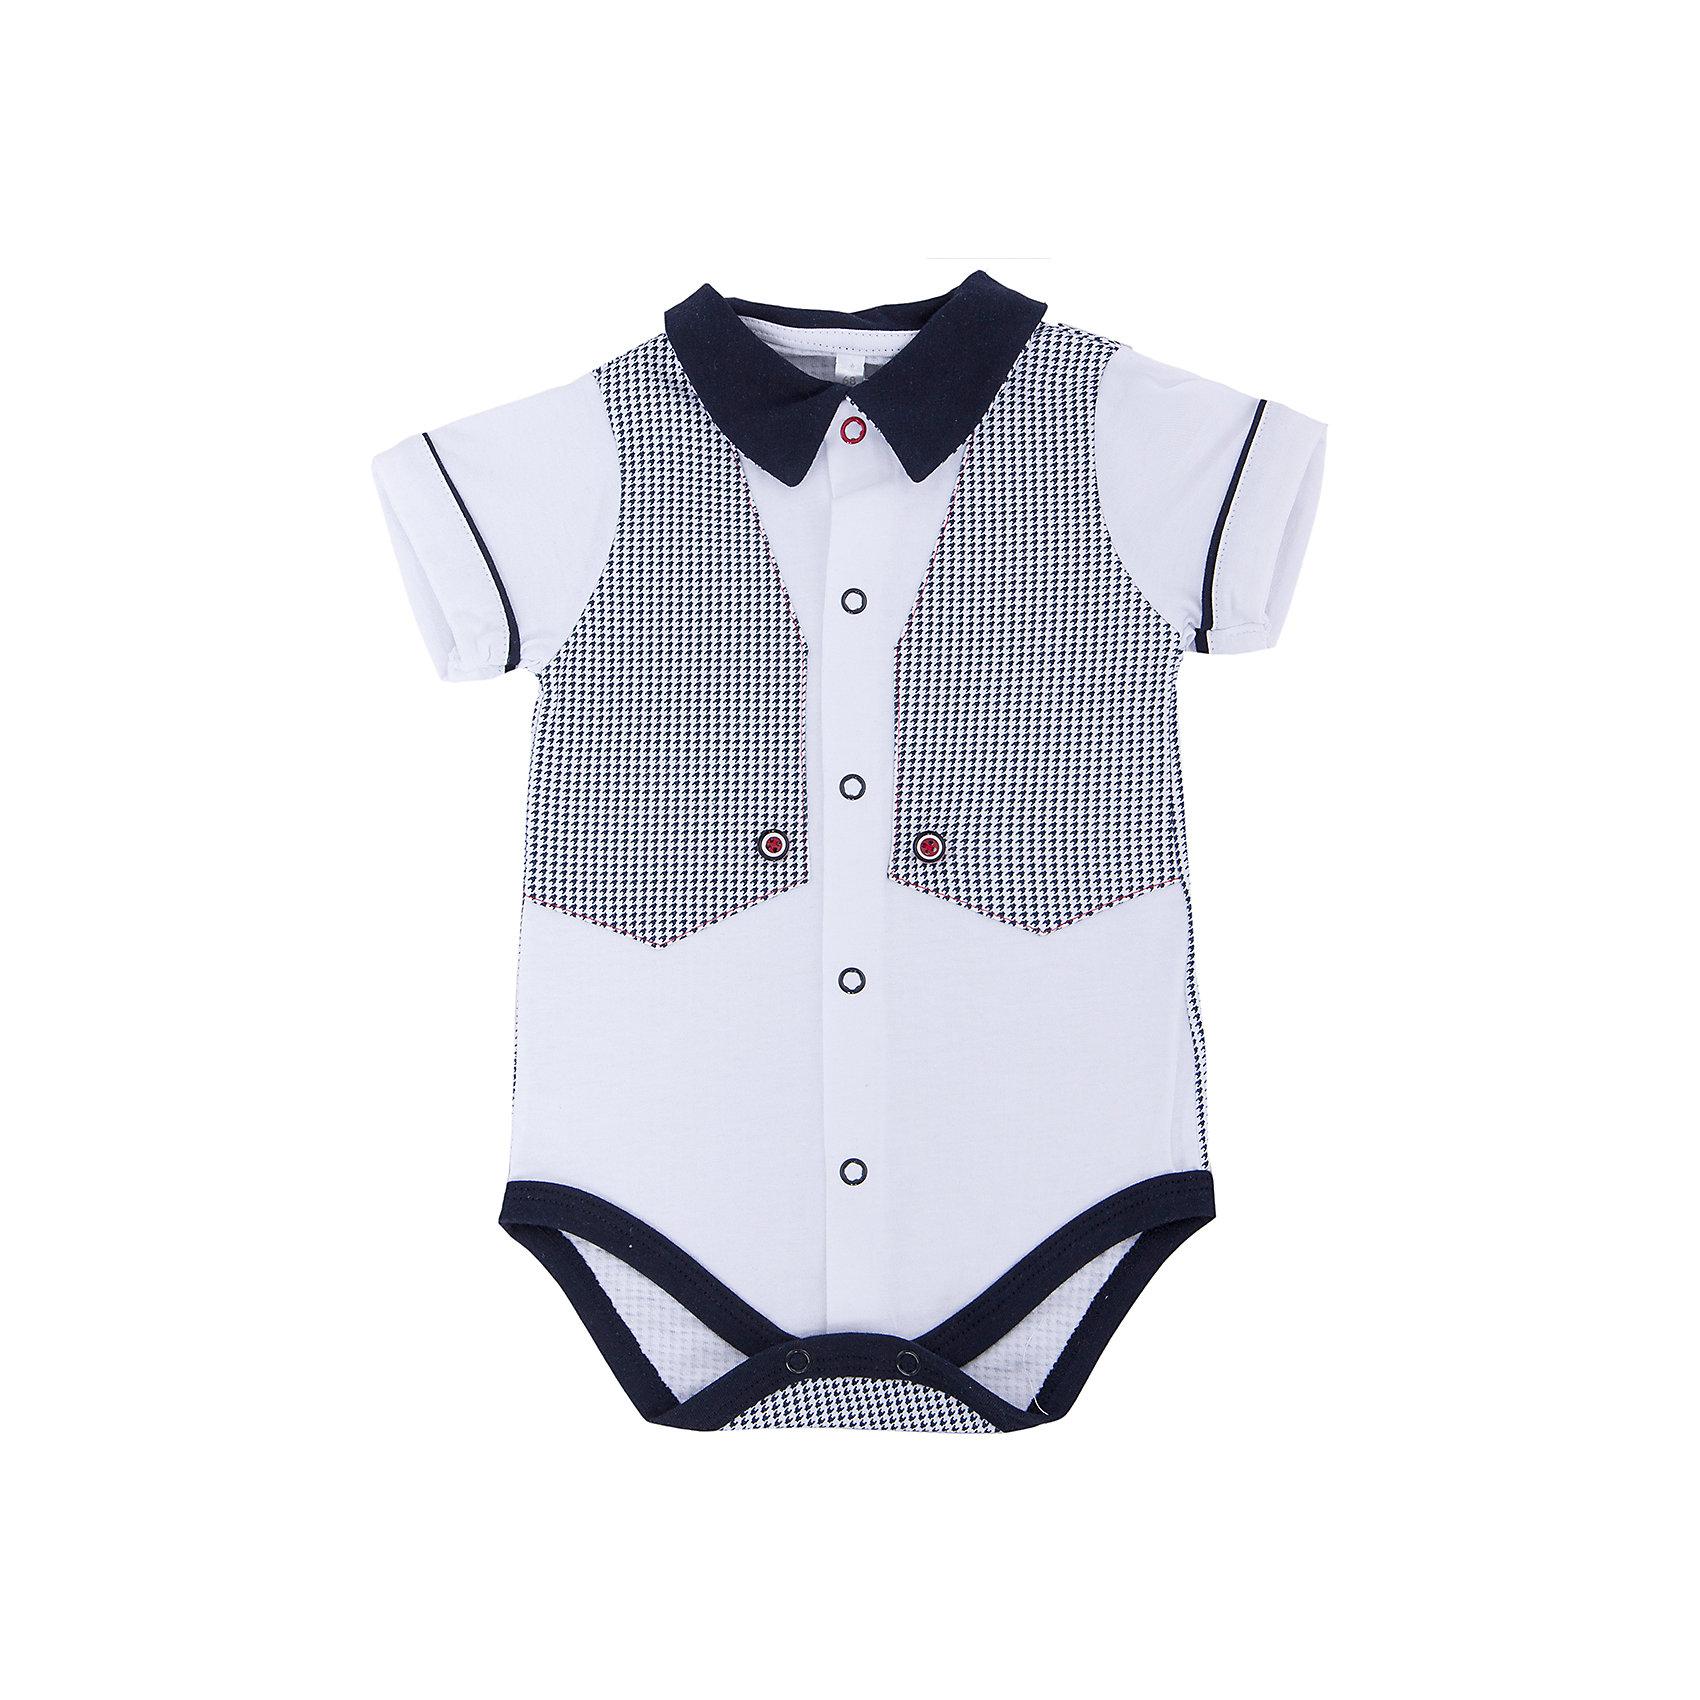 Боди для мальчика Soni KidsБоди для мальчика от популярной марки Soni Kids <br> <br>Стильное боди в черно-белой гамме сшито из мягкого дышащего хлопка. Это гипоаллергенный материал, который отлично подходит для детской одежды. Правильный крой обеспечит ребенку удобство, не будет натирать и стеснять движения. <br> <br>Особенности модели: <br> <br>- цвет - белый; <br>- материал - натуральный хлопок; <br>- черная отделка; <br>- имитация жилета; <br>- мягкая окантовка; <br>- отложной воротник; <br>- рукава короткие, с отделкой; <br>- застежки - кнопки впереди и внизу. <br> <br>Дополнительная информация: <br> <br>Состав: 100% хлопок <br> <br>Боди для мальчика от популярной марки Soni Kids (Сони Кидс) можно купить в нашем магазине.<br><br>Ширина мм: 157<br>Глубина мм: 13<br>Высота мм: 119<br>Вес г: 200<br>Цвет: белый/серый<br>Возраст от месяцев: 2<br>Возраст до месяцев: 5<br>Пол: Мужской<br>Возраст: Детский<br>Размер: 62,86,80,74,68<br>SKU: 4545021